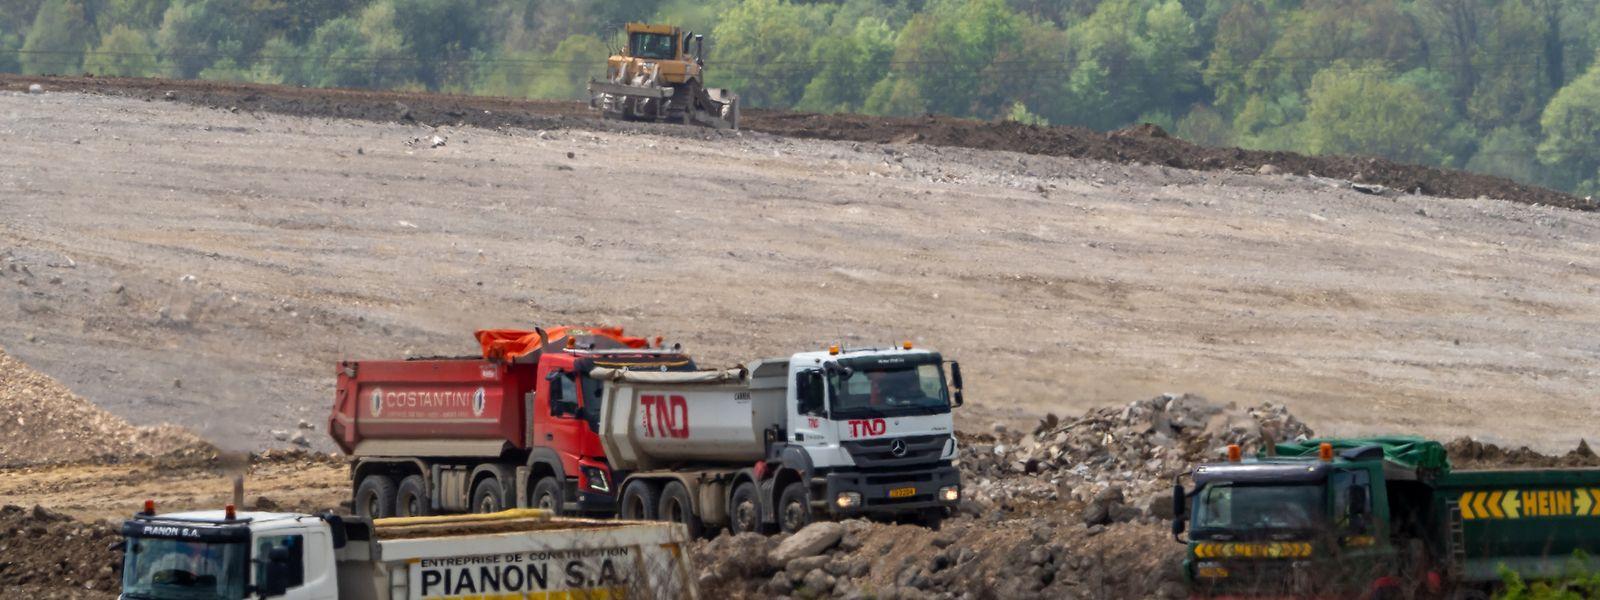 En dehors d'ArcelorMittal, une partie du crassier est exploitée par des sociétés du secteur du bâtiment.